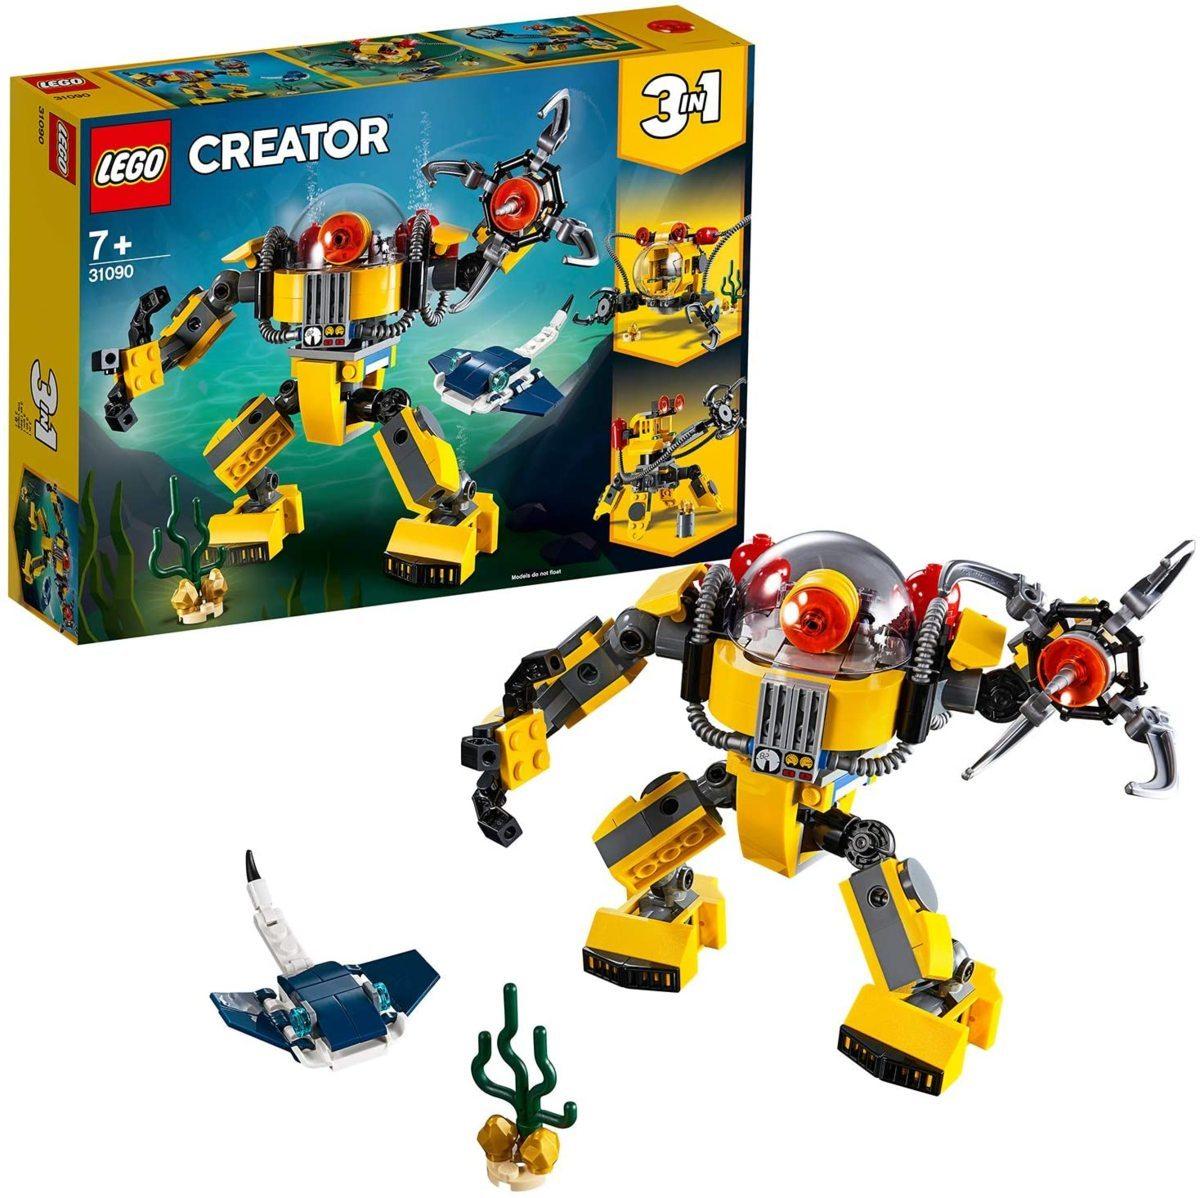 レゴ(LEGO) クリエイター 海底調査ロボット 31090 知育玩具 ブロック おもちゃ 女の子 男の子_画像1